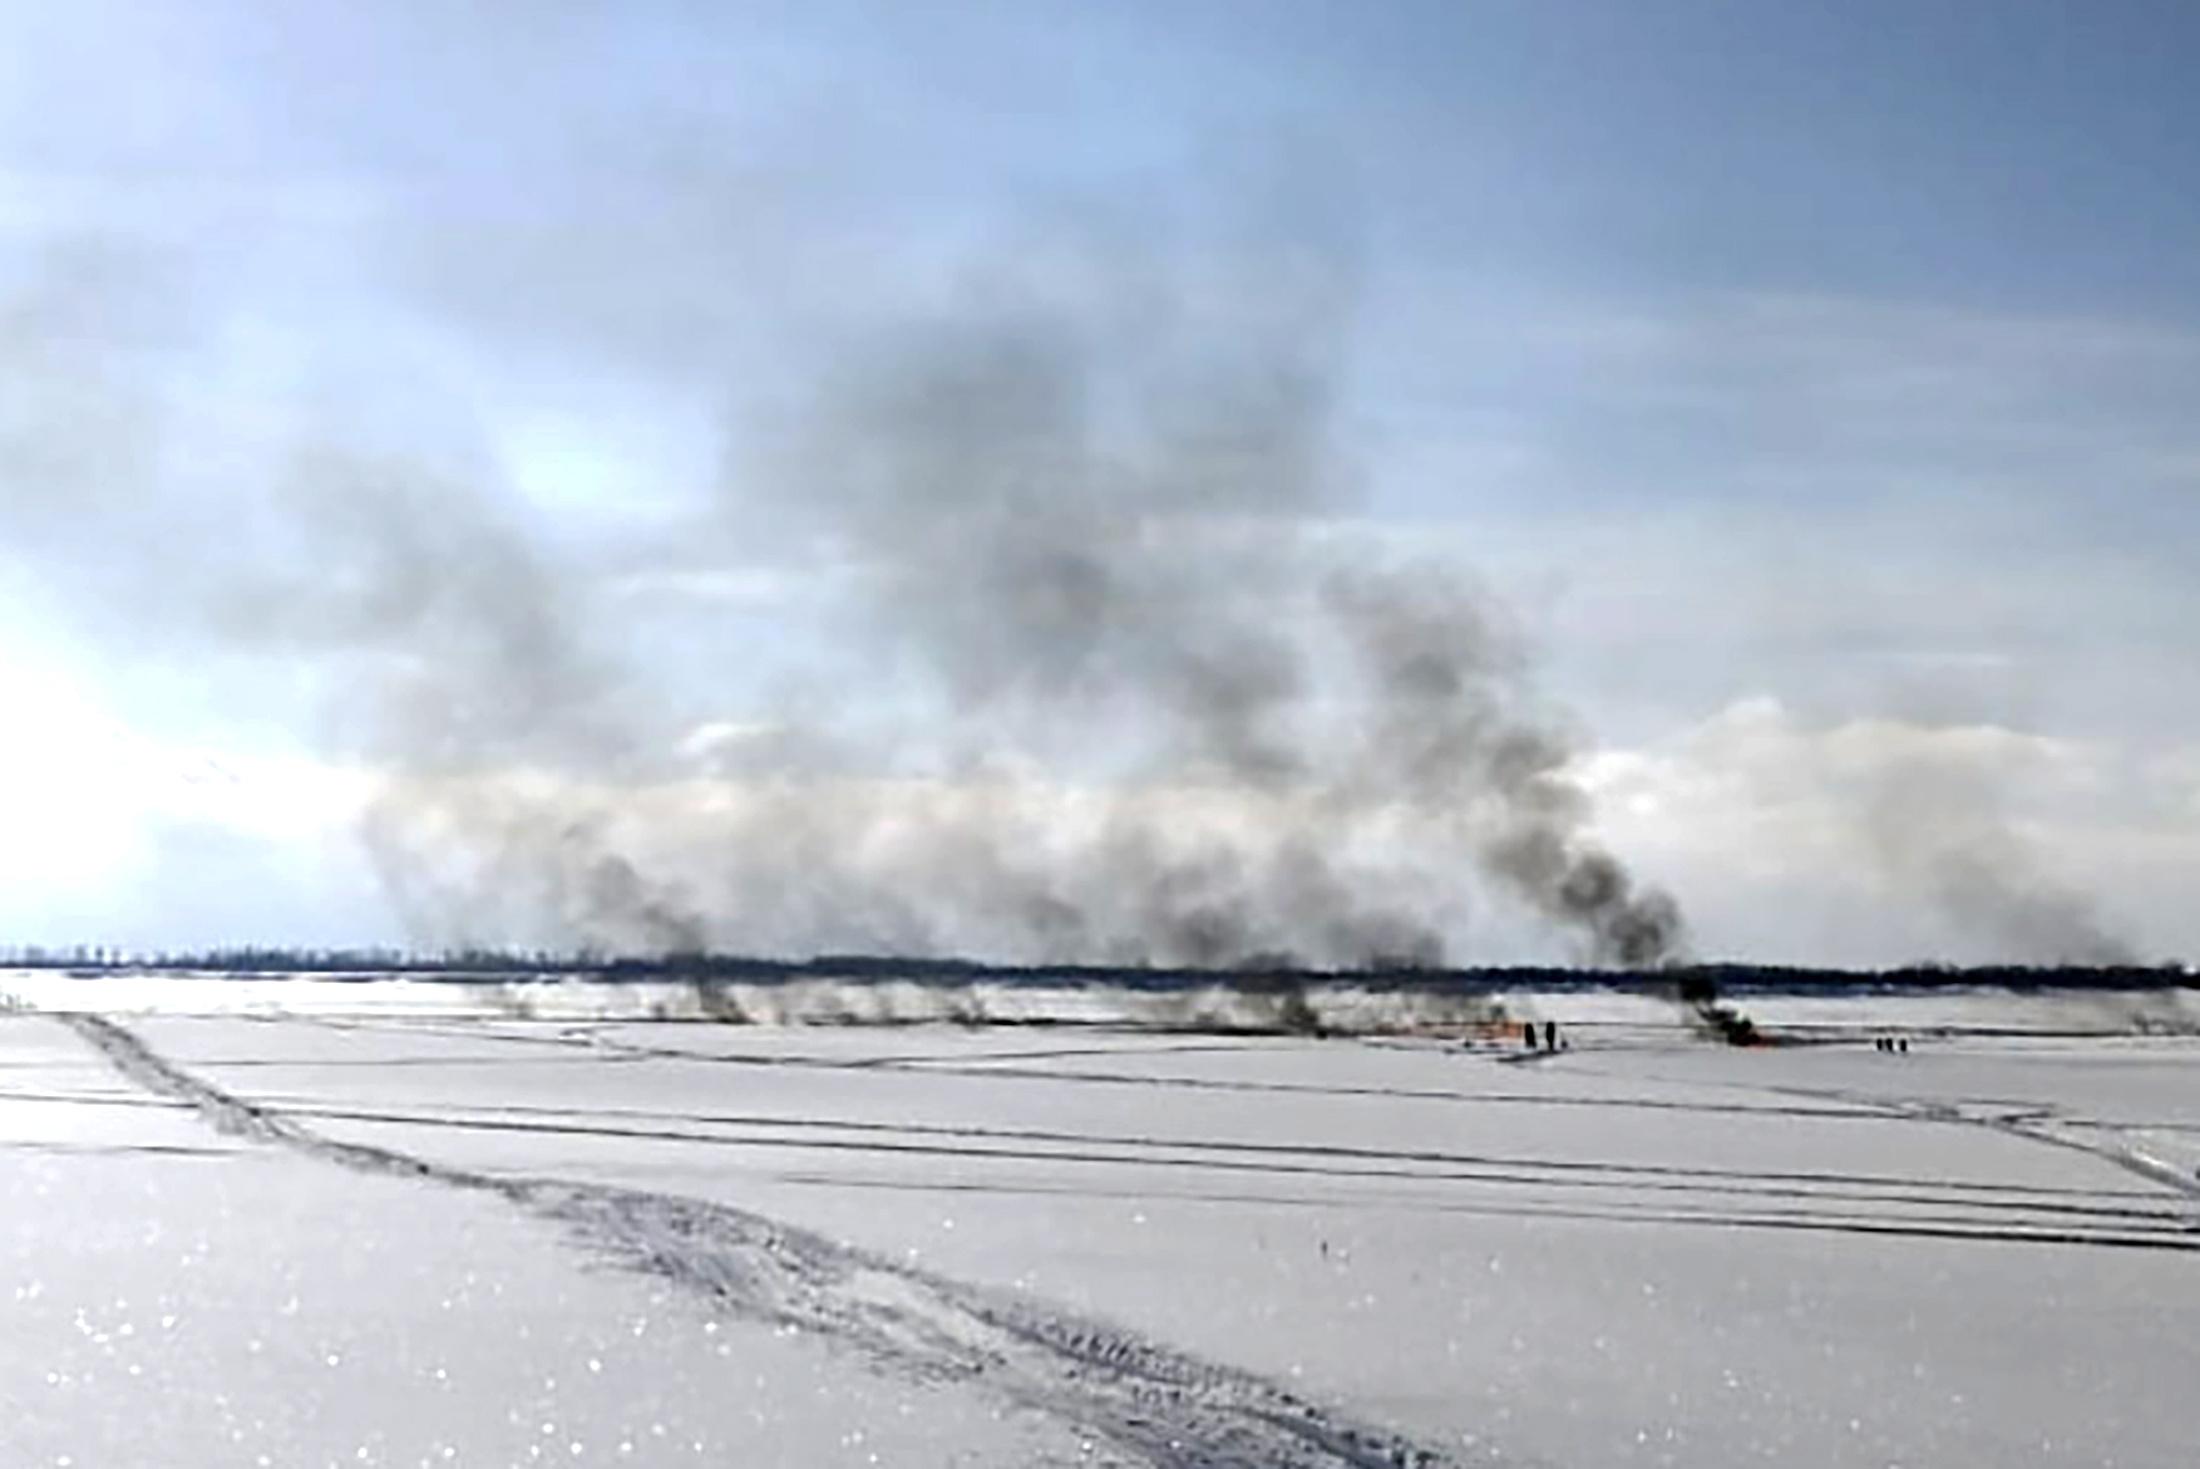 Власти озвучили предварительную причину пожара на подводном нефтепроводе в акватории Оби